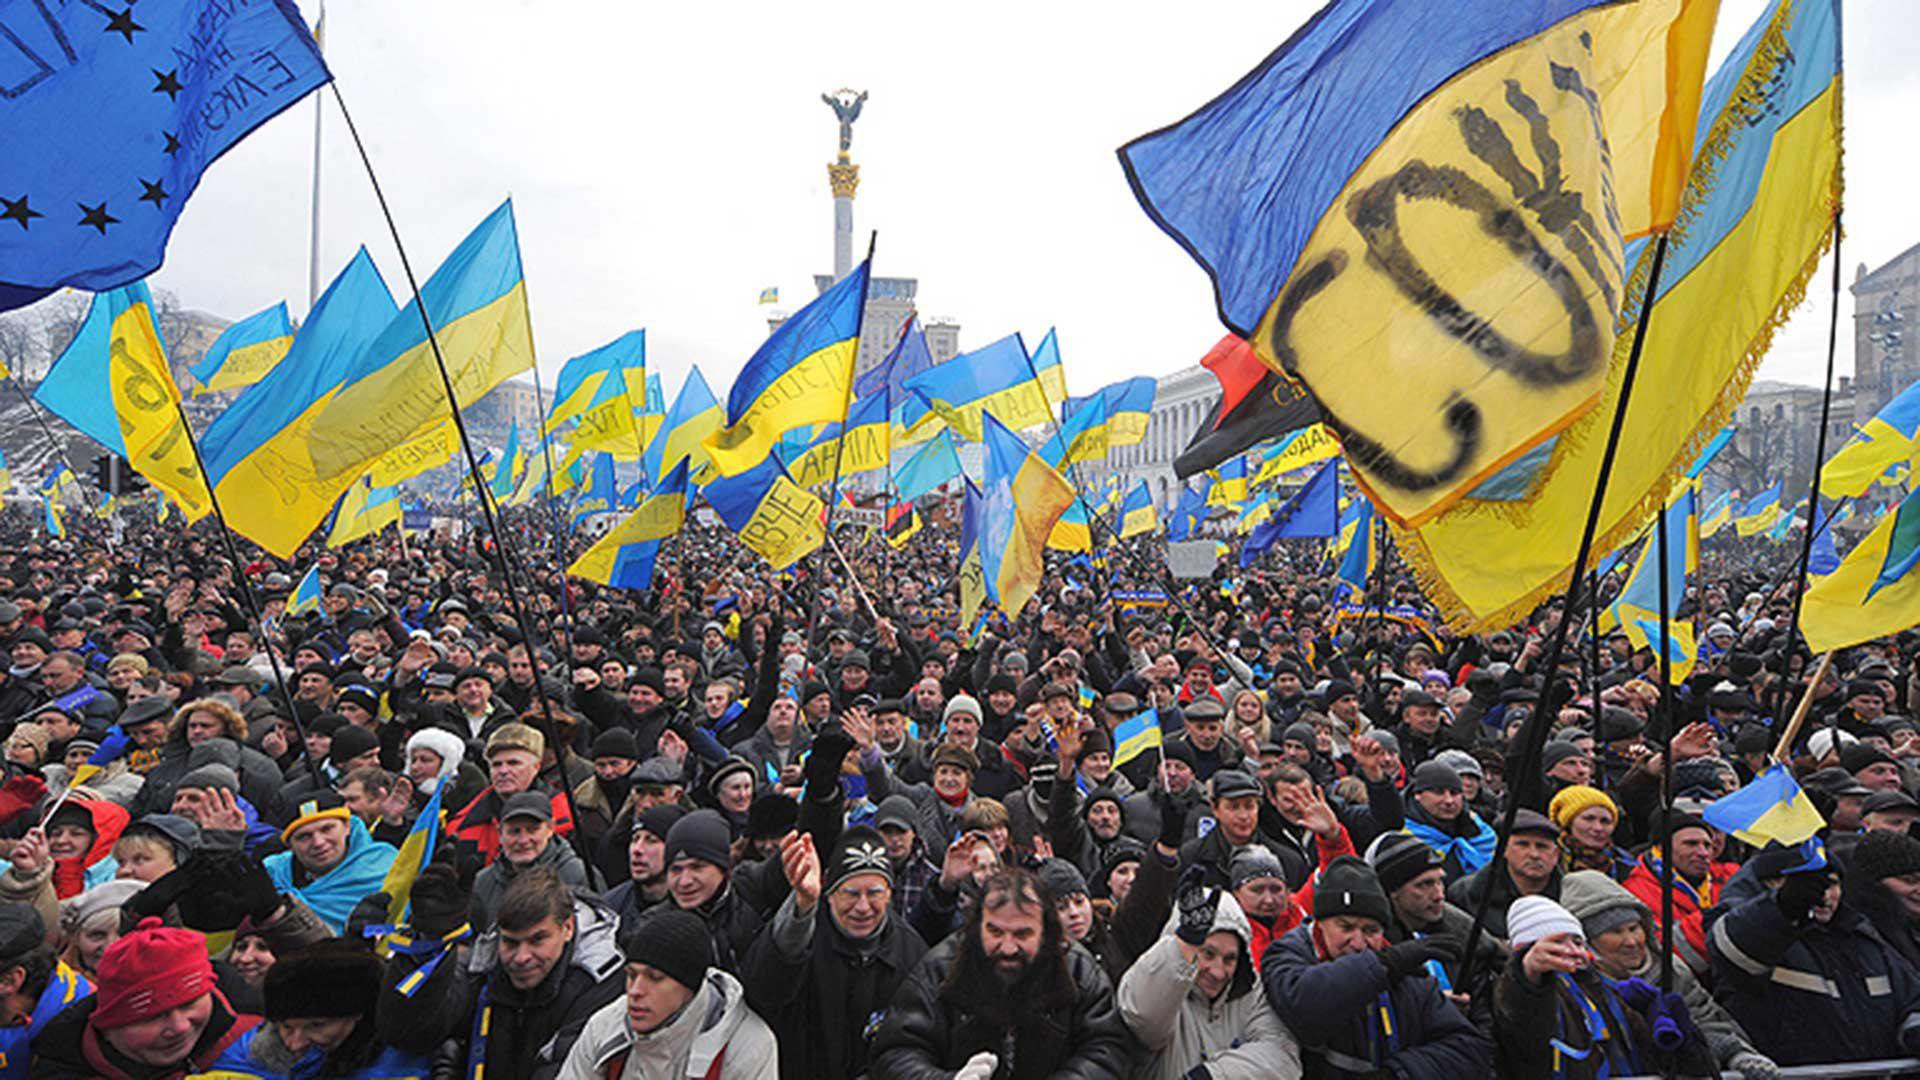 El movimiento Euromaidan ganó popularidad en 2013 cuando el parlamento Ucraniano desechó un acuerdo para ingresar a la Unión europea.